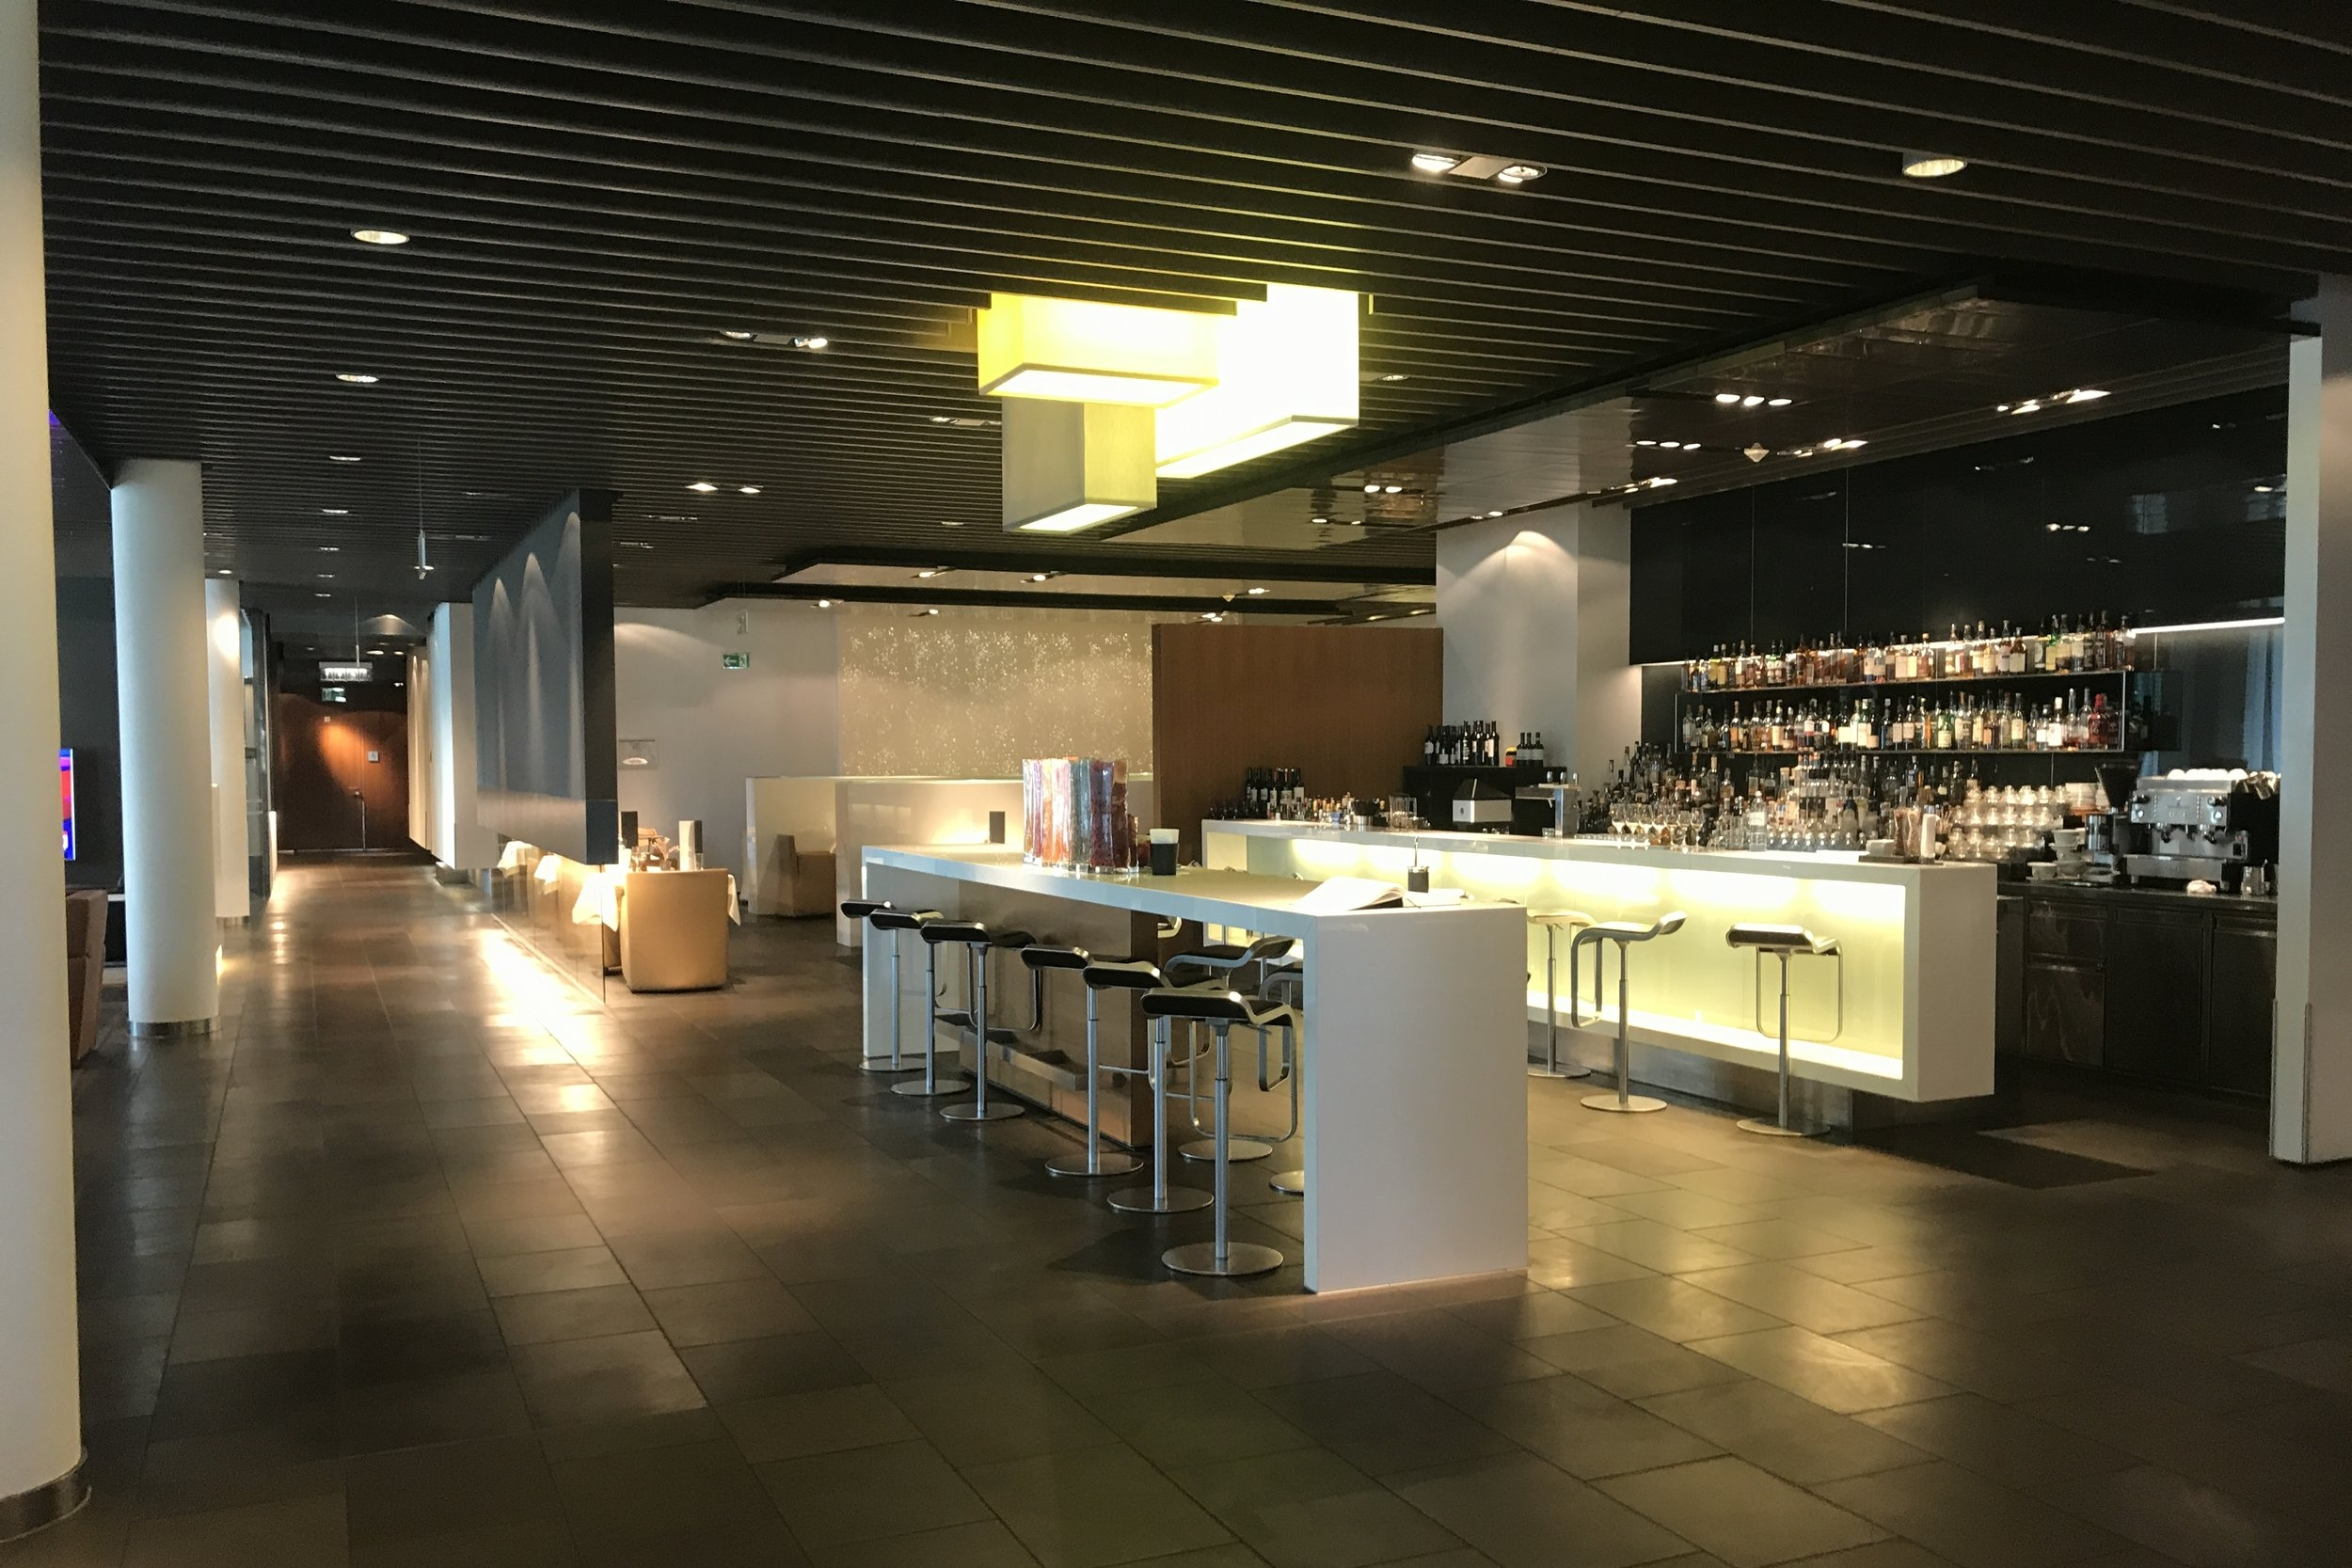 Lufthansa First Class Terminal Frankfurt – Bar